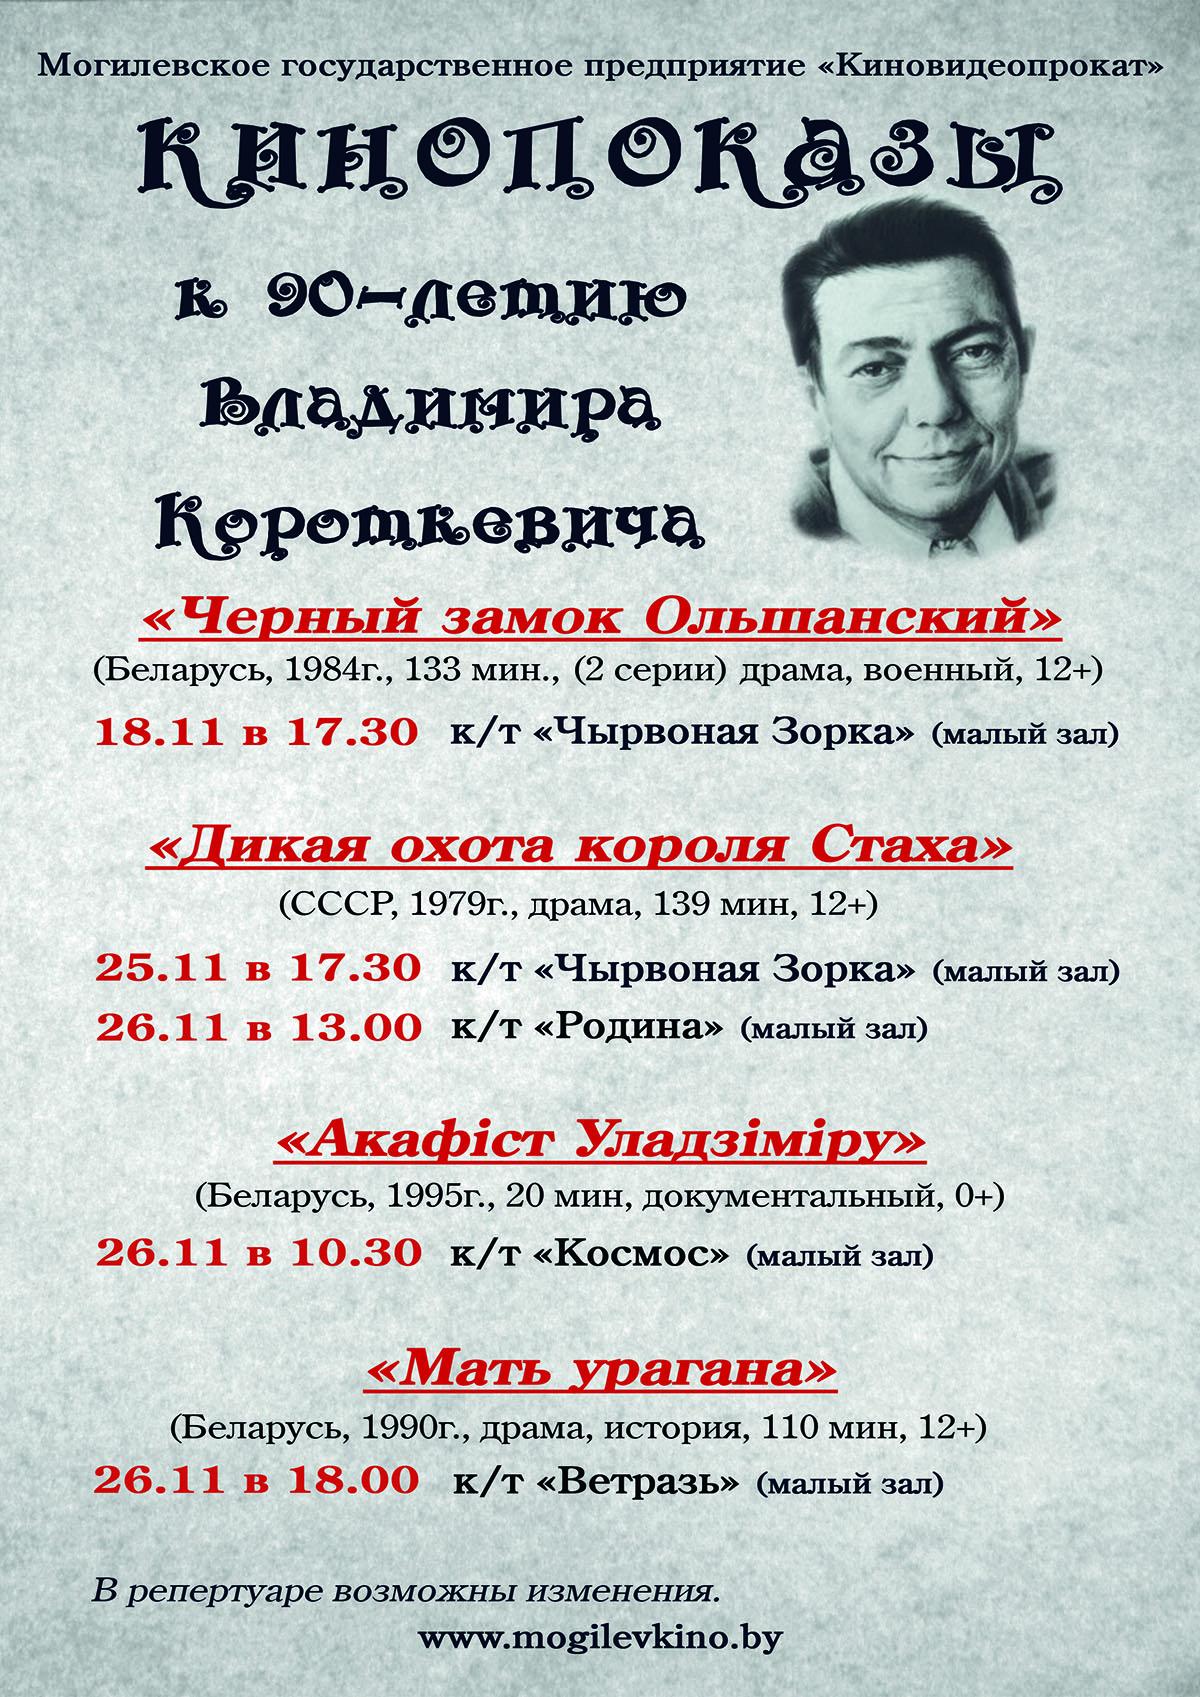 Кинопоказы к90-летию Владимира Короткевича пройдут вМогилеве